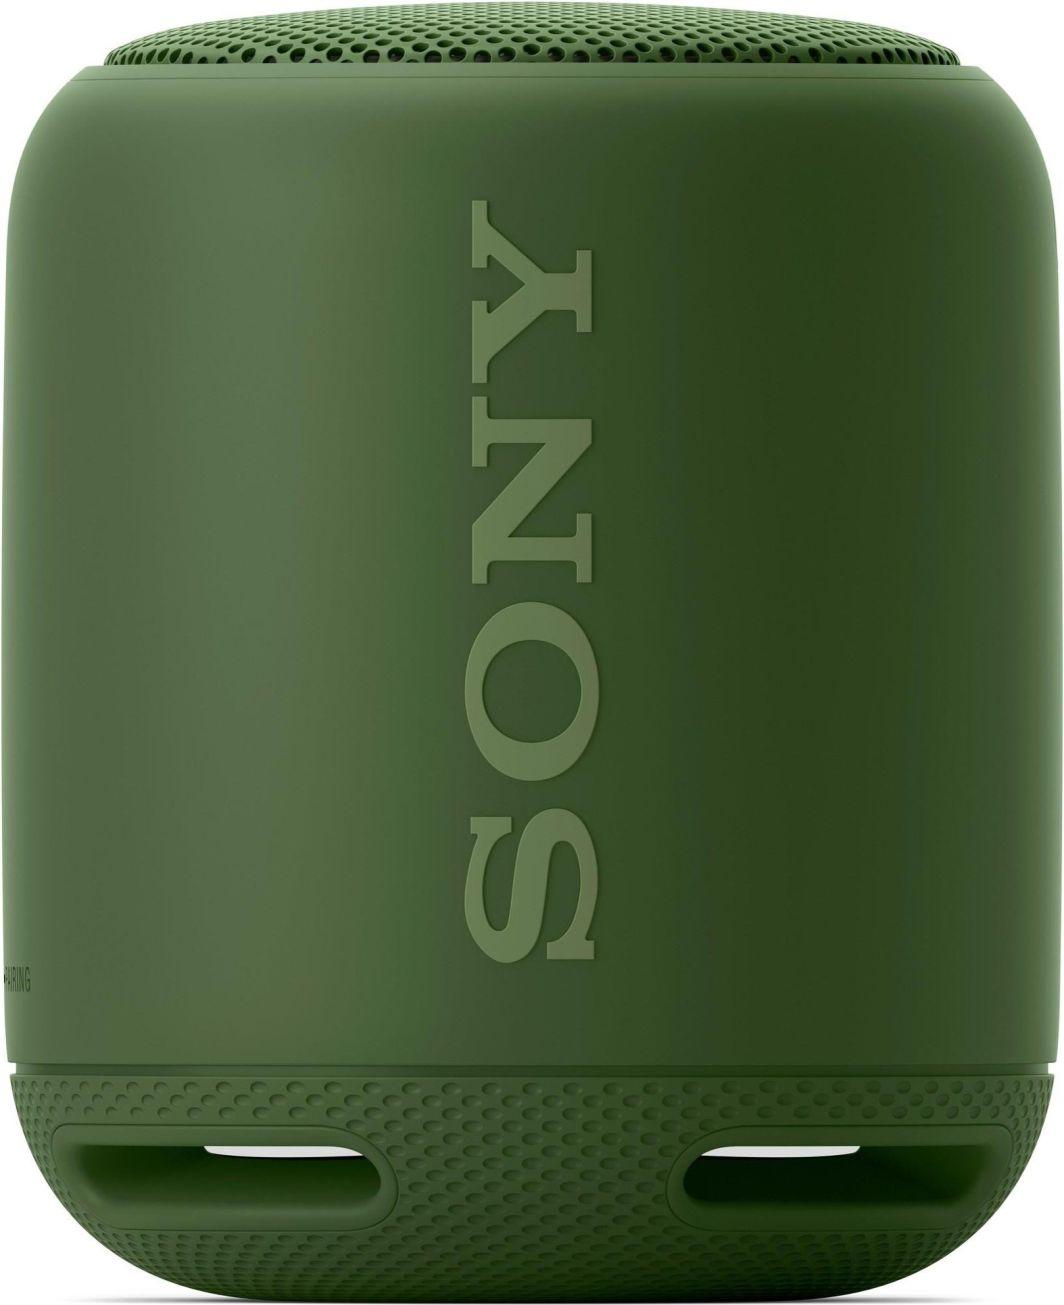 Głośnik Sony Green (SRSXB10G.CEL) 1